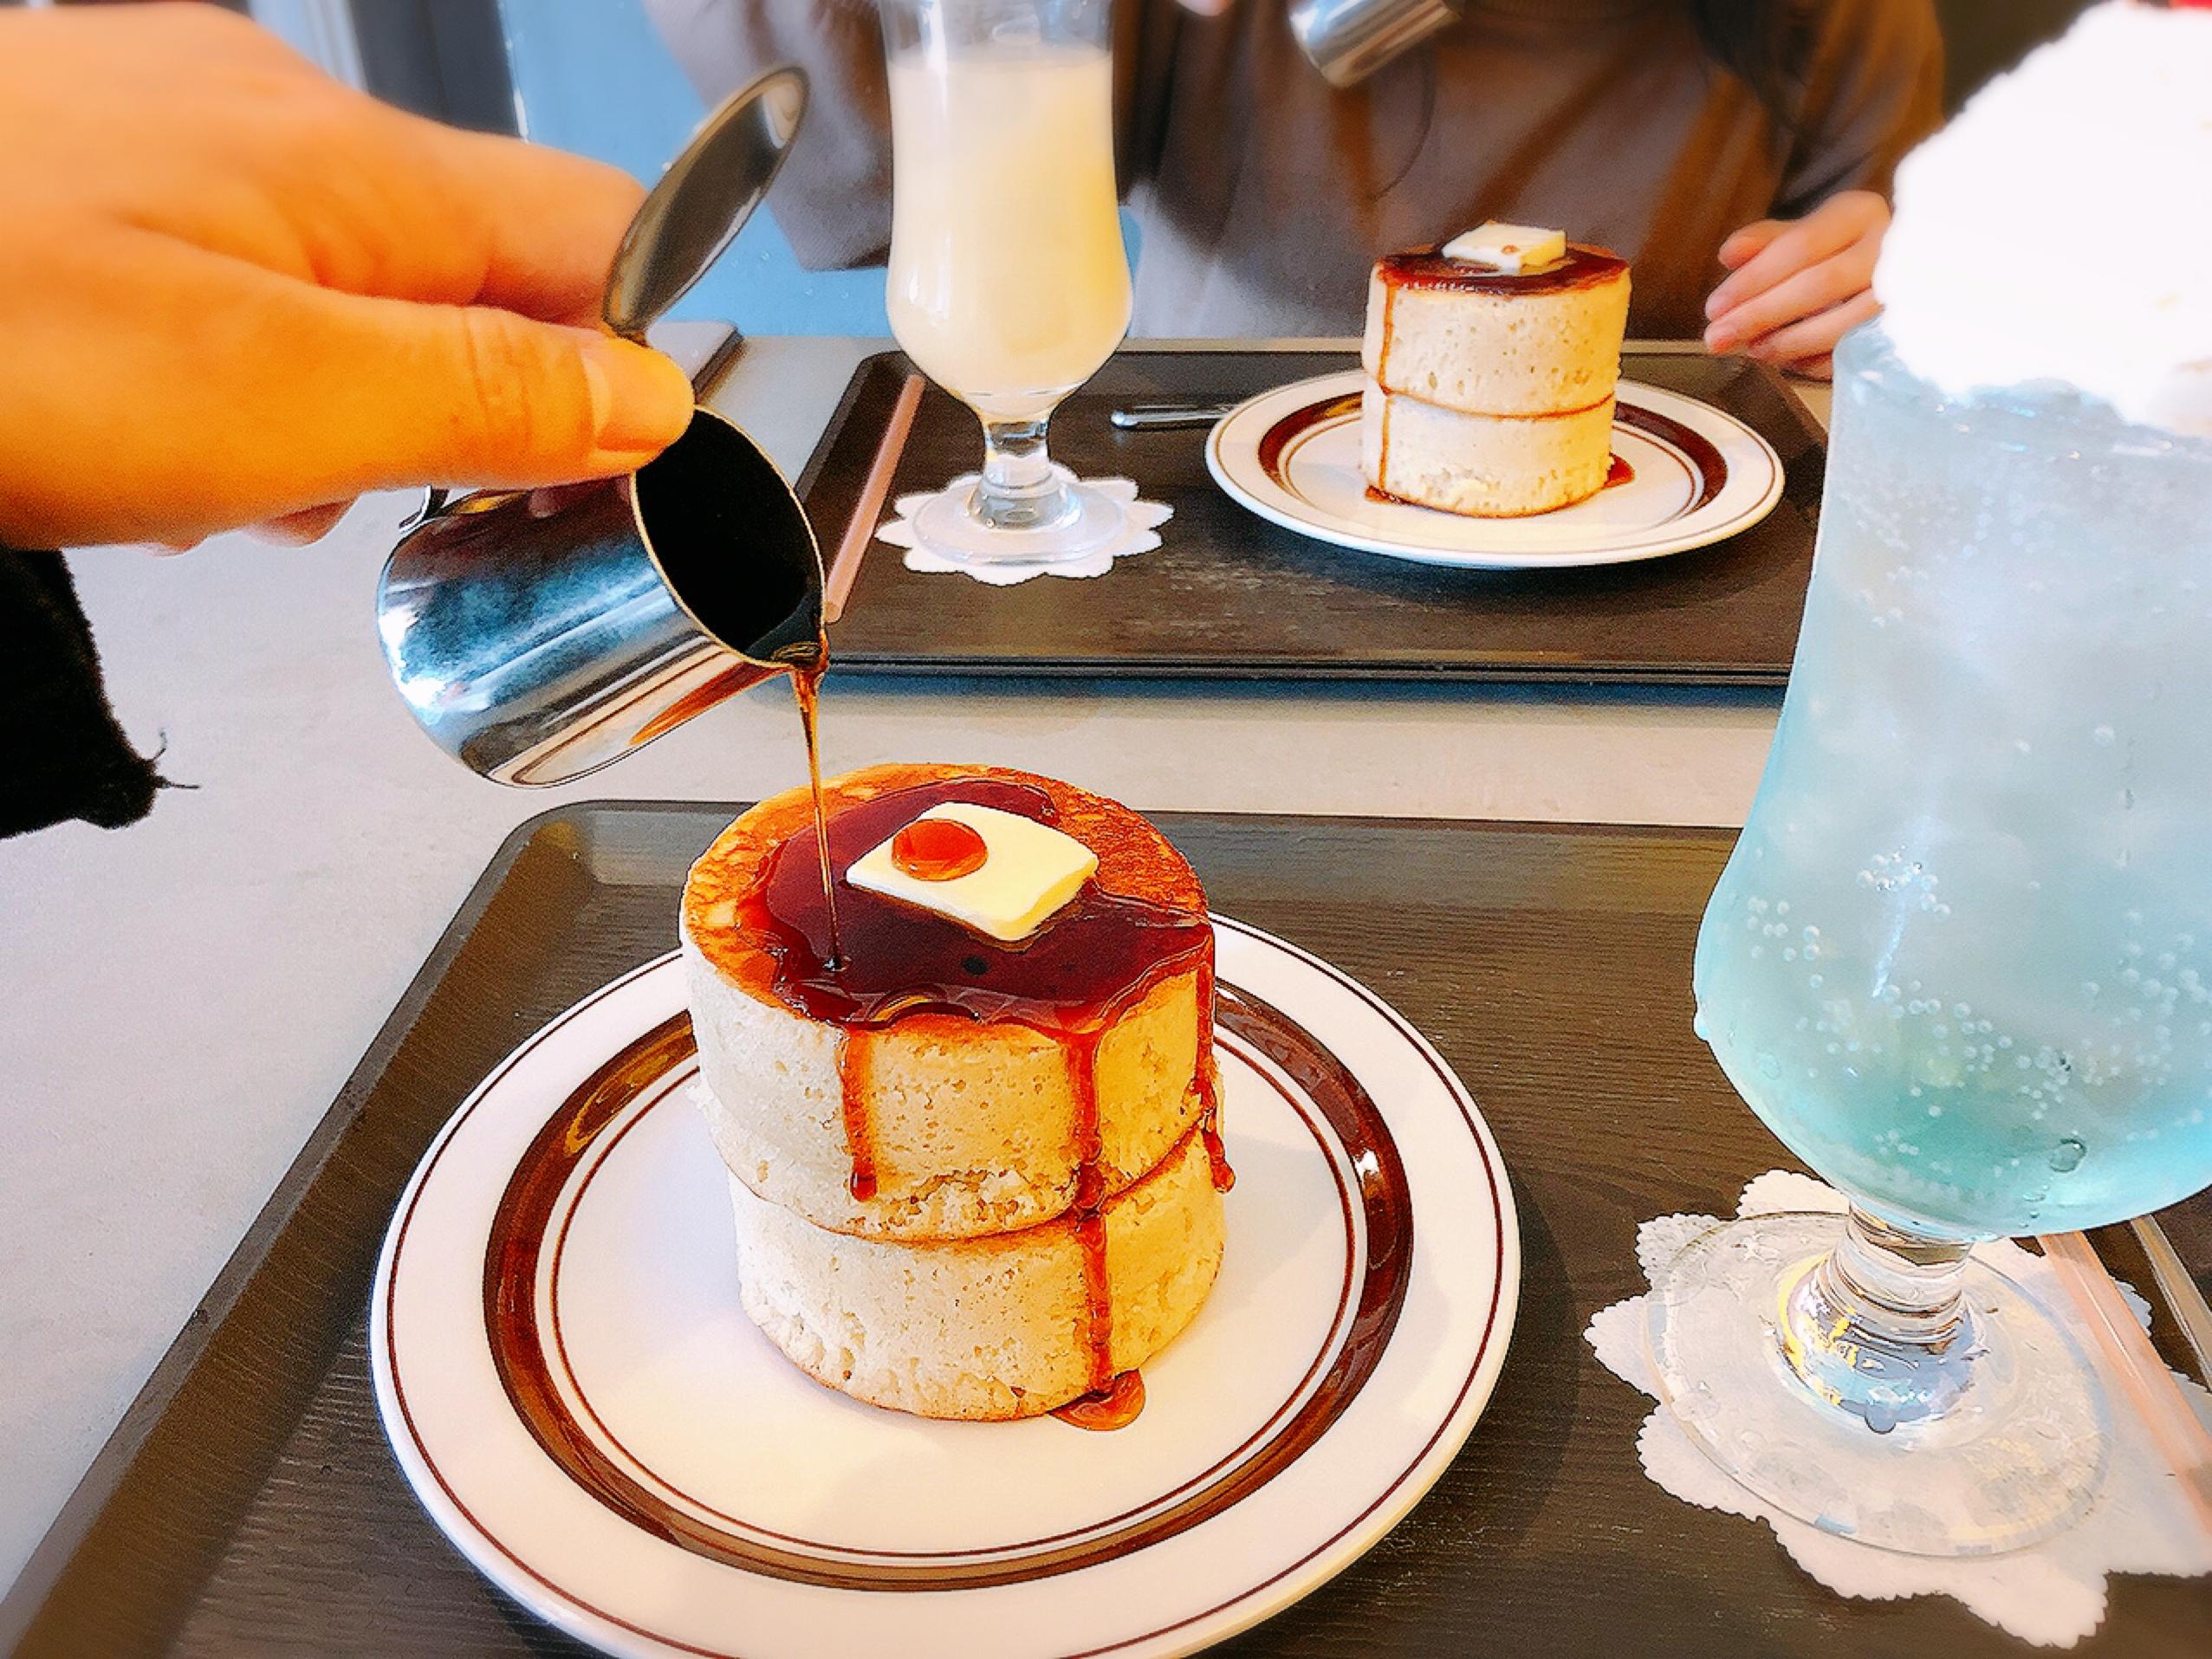 【#静岡】空色クリームソーダとふかふか3Dホットケーキ♡純喫茶風のモダンなカフェ《8COFFEE》_7